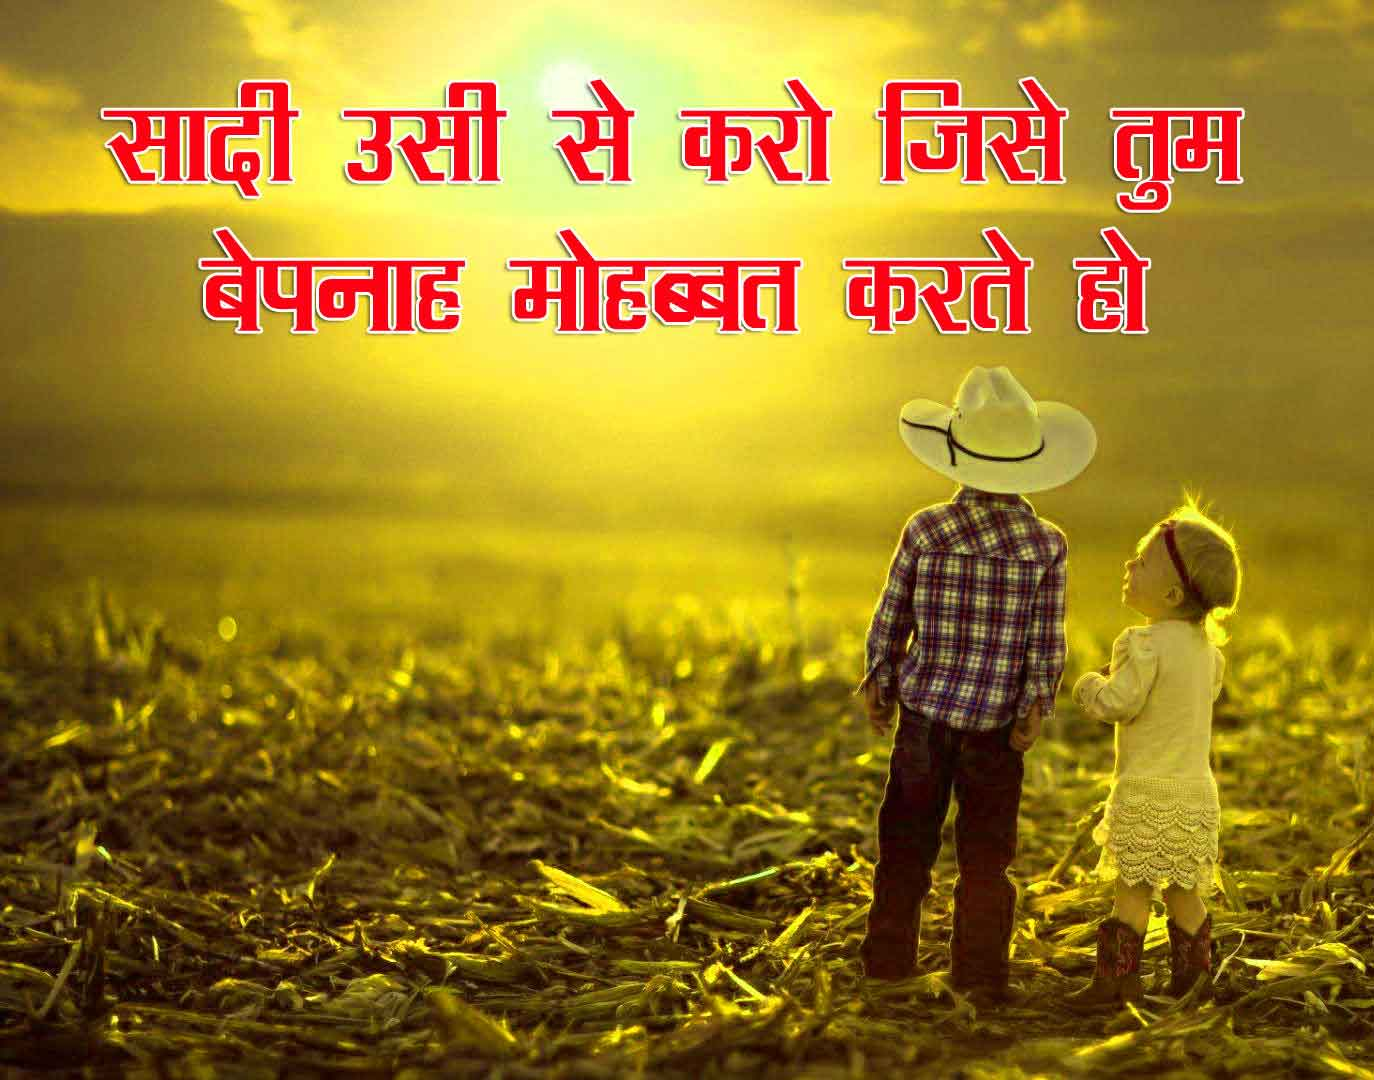 Love Shayari Images HD 2021 23